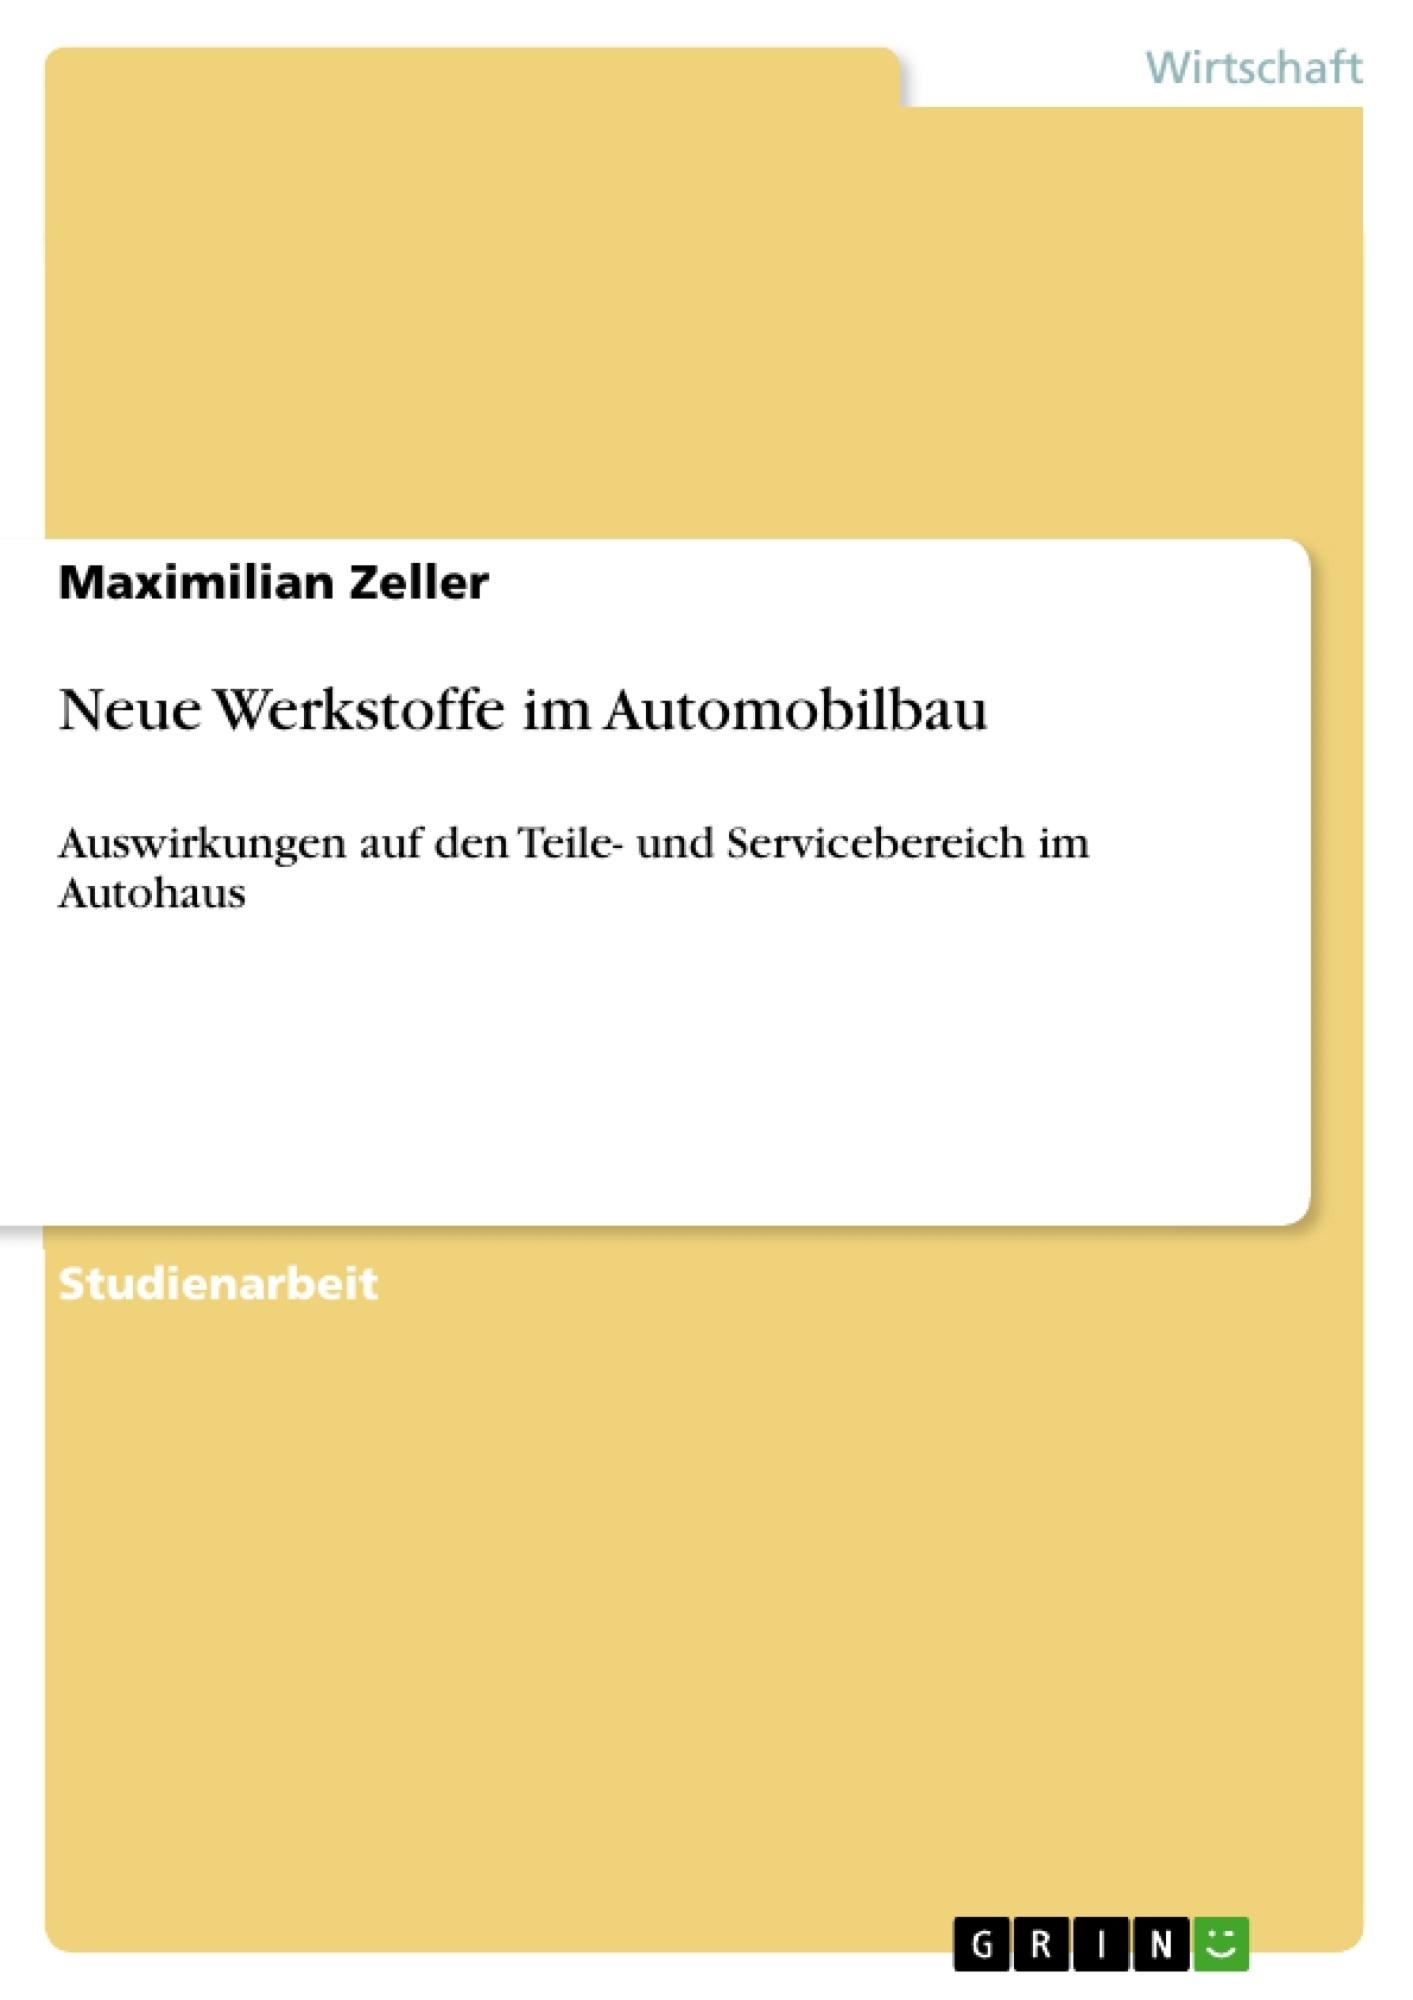 Titel: Neue Werkstoffe im Automobilbau